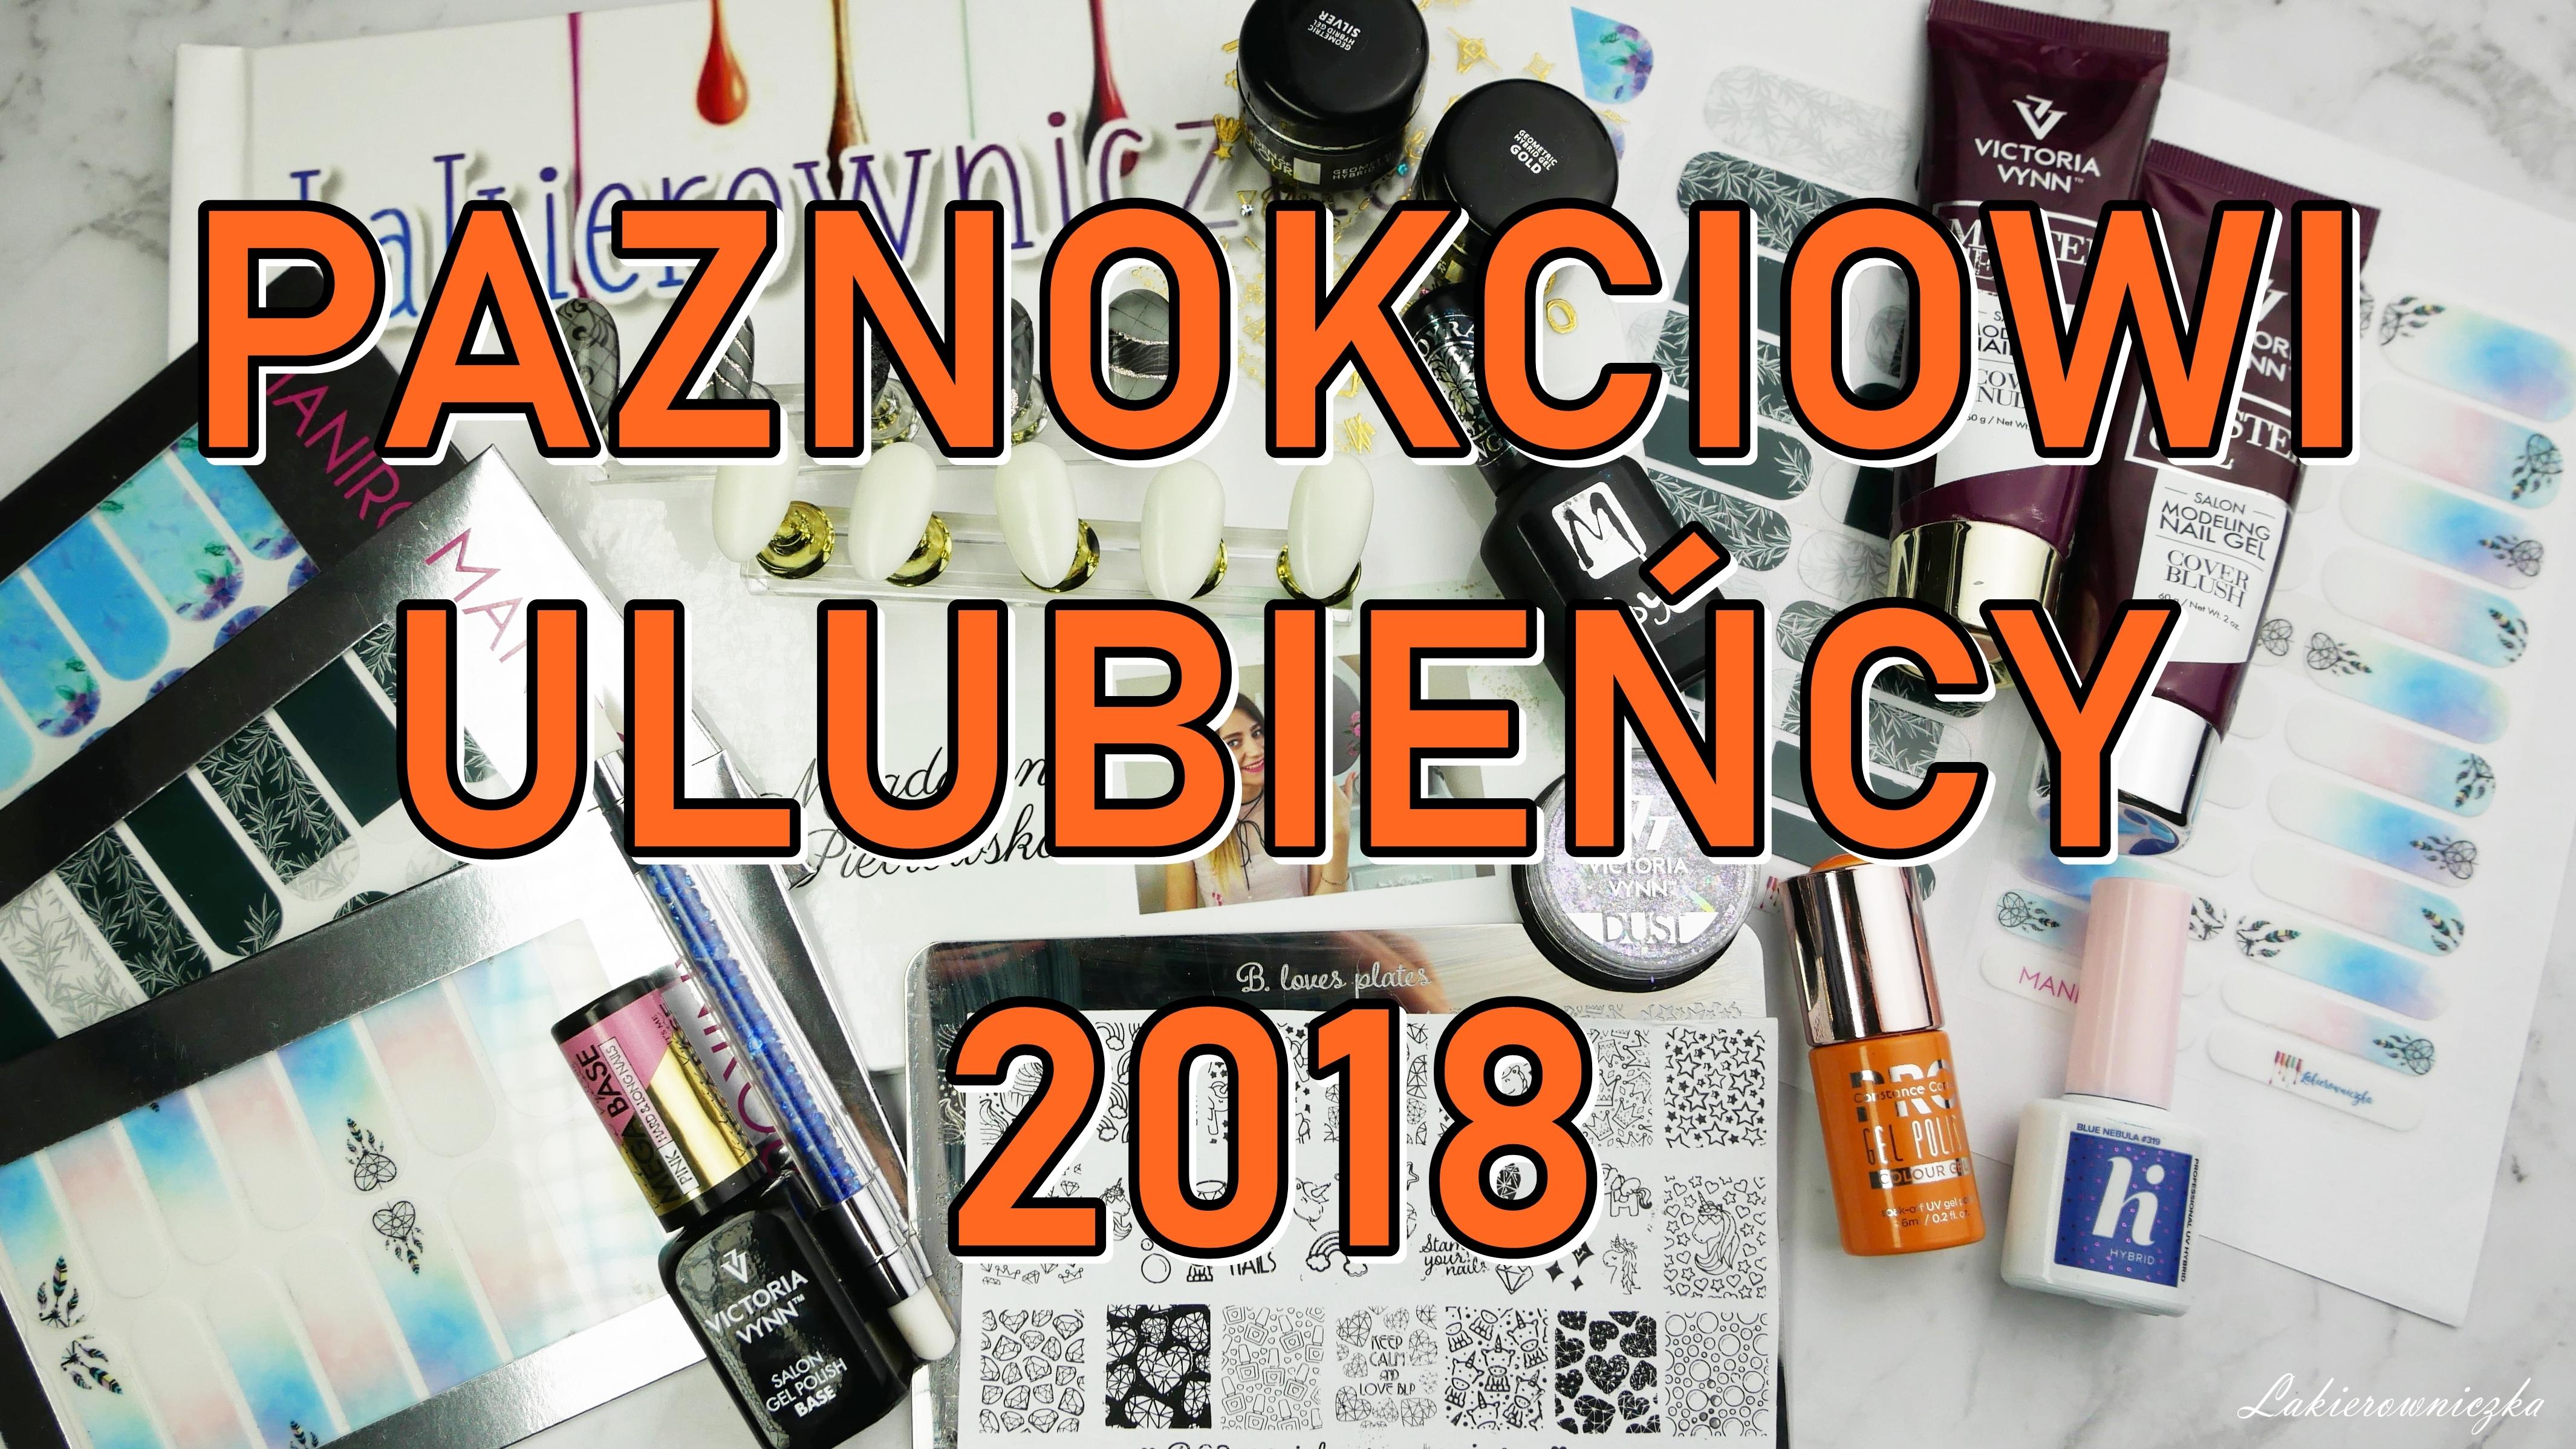 paznokciowi-ulubiency-2018-Lakierowniczki-wzorniki-Cconstance-Carroll-Hi-hybrid-b-loves-plates-neess-Manirouge-Moyra-Victoria-vynn-spider-gel-fotoksiazka-paznokciowi ulubieńcy 2018